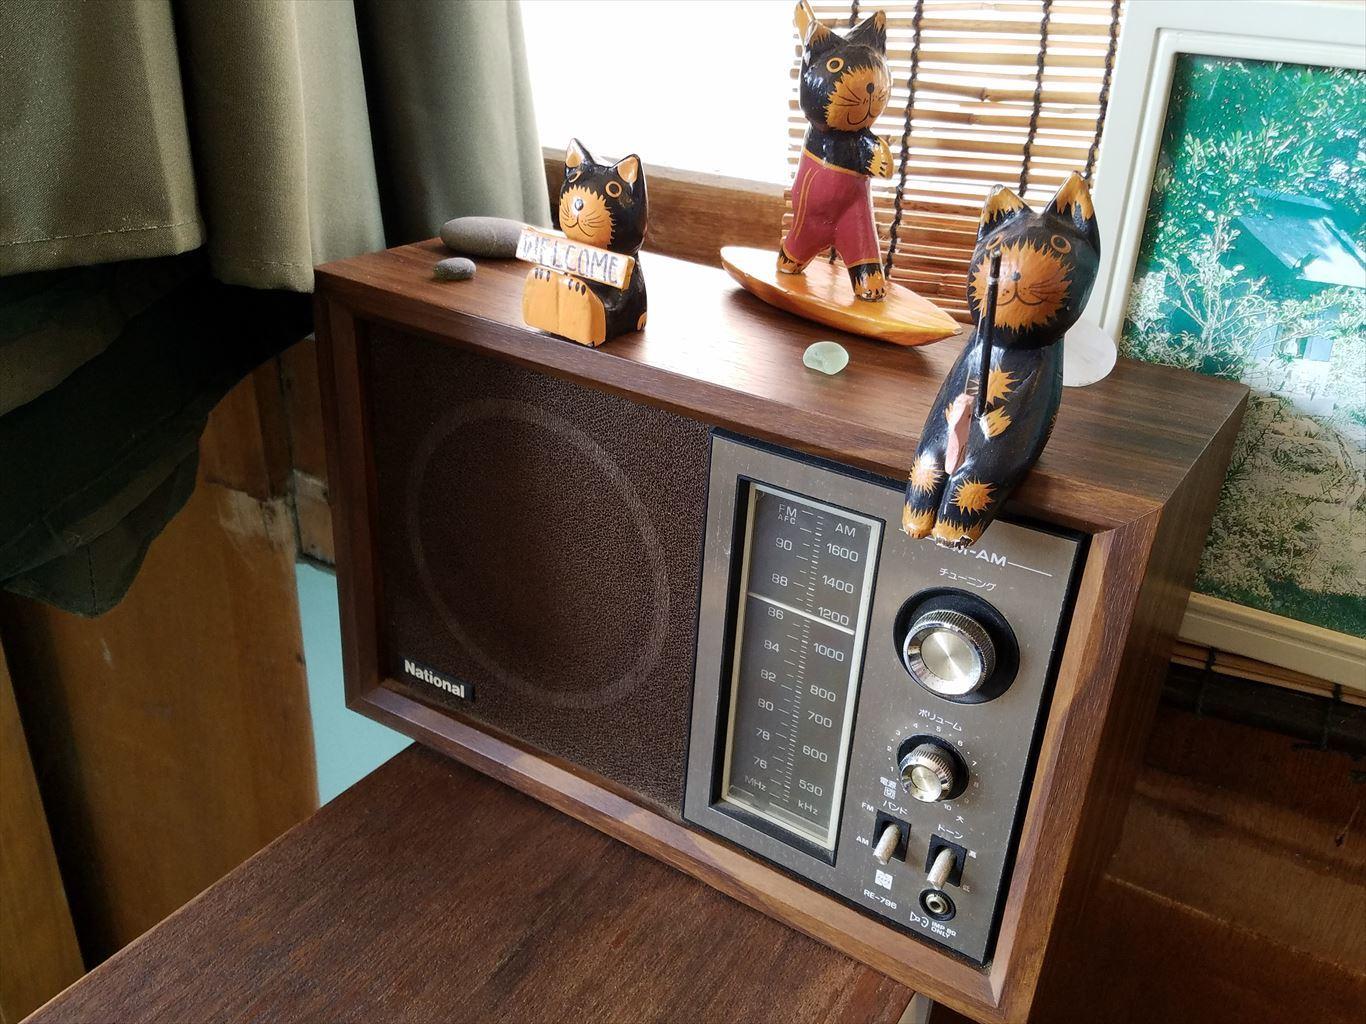 猫の島田代島_クロネコ堂のラジオ